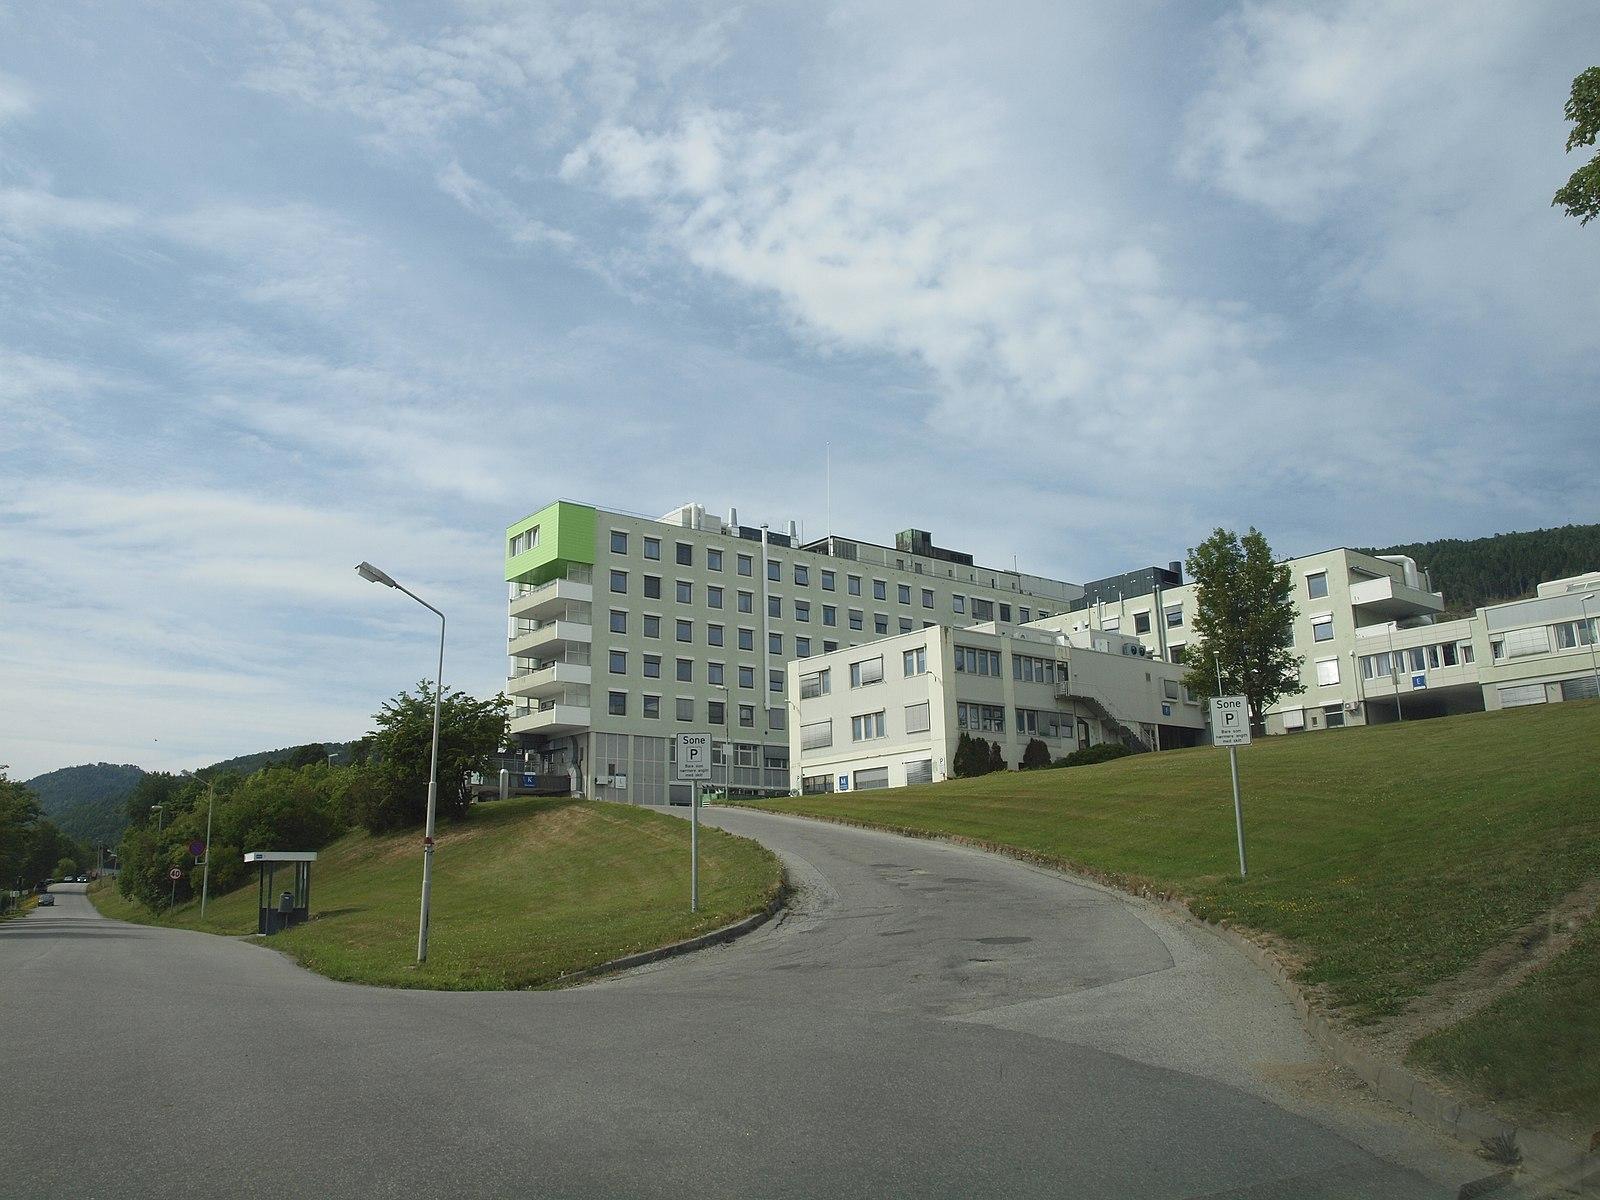 Molde sykehus. Illustrasjonsfoto: Wikimedia Commons